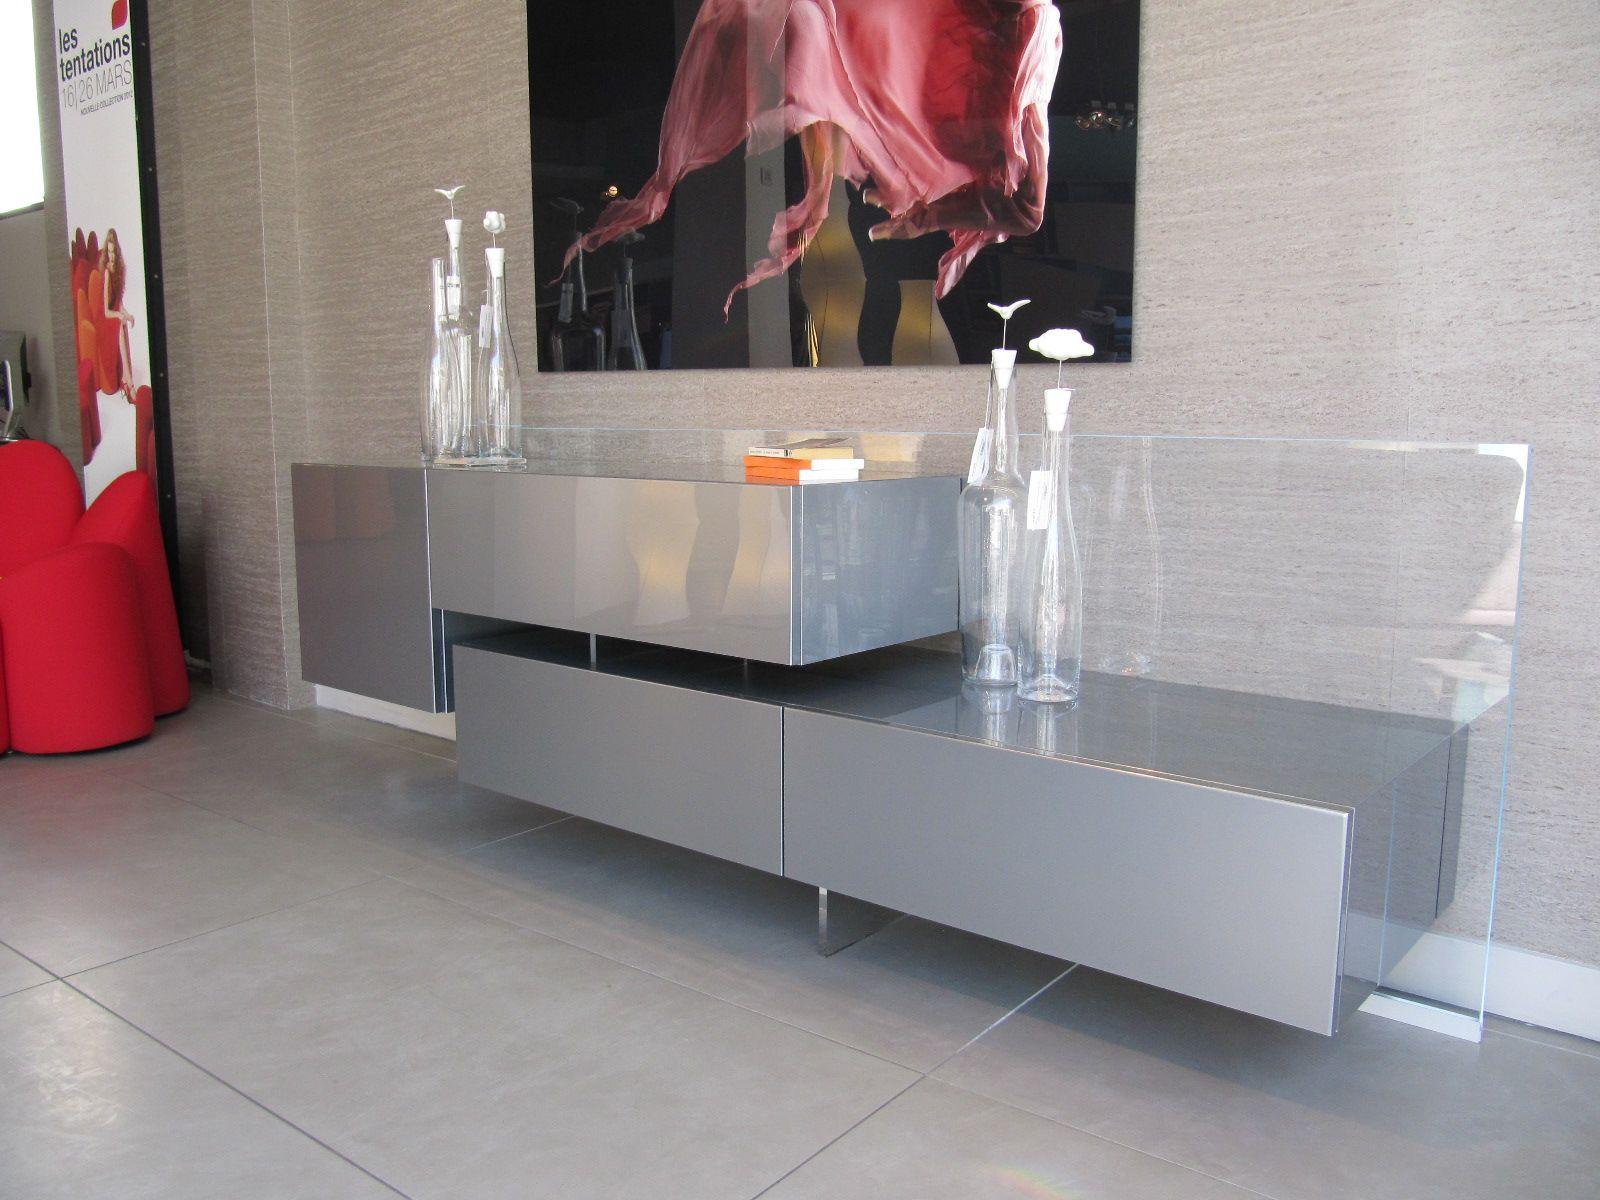 un bahut l gant et raffin perplex sign roche bobois un beau b b de 235cm for the. Black Bedroom Furniture Sets. Home Design Ideas